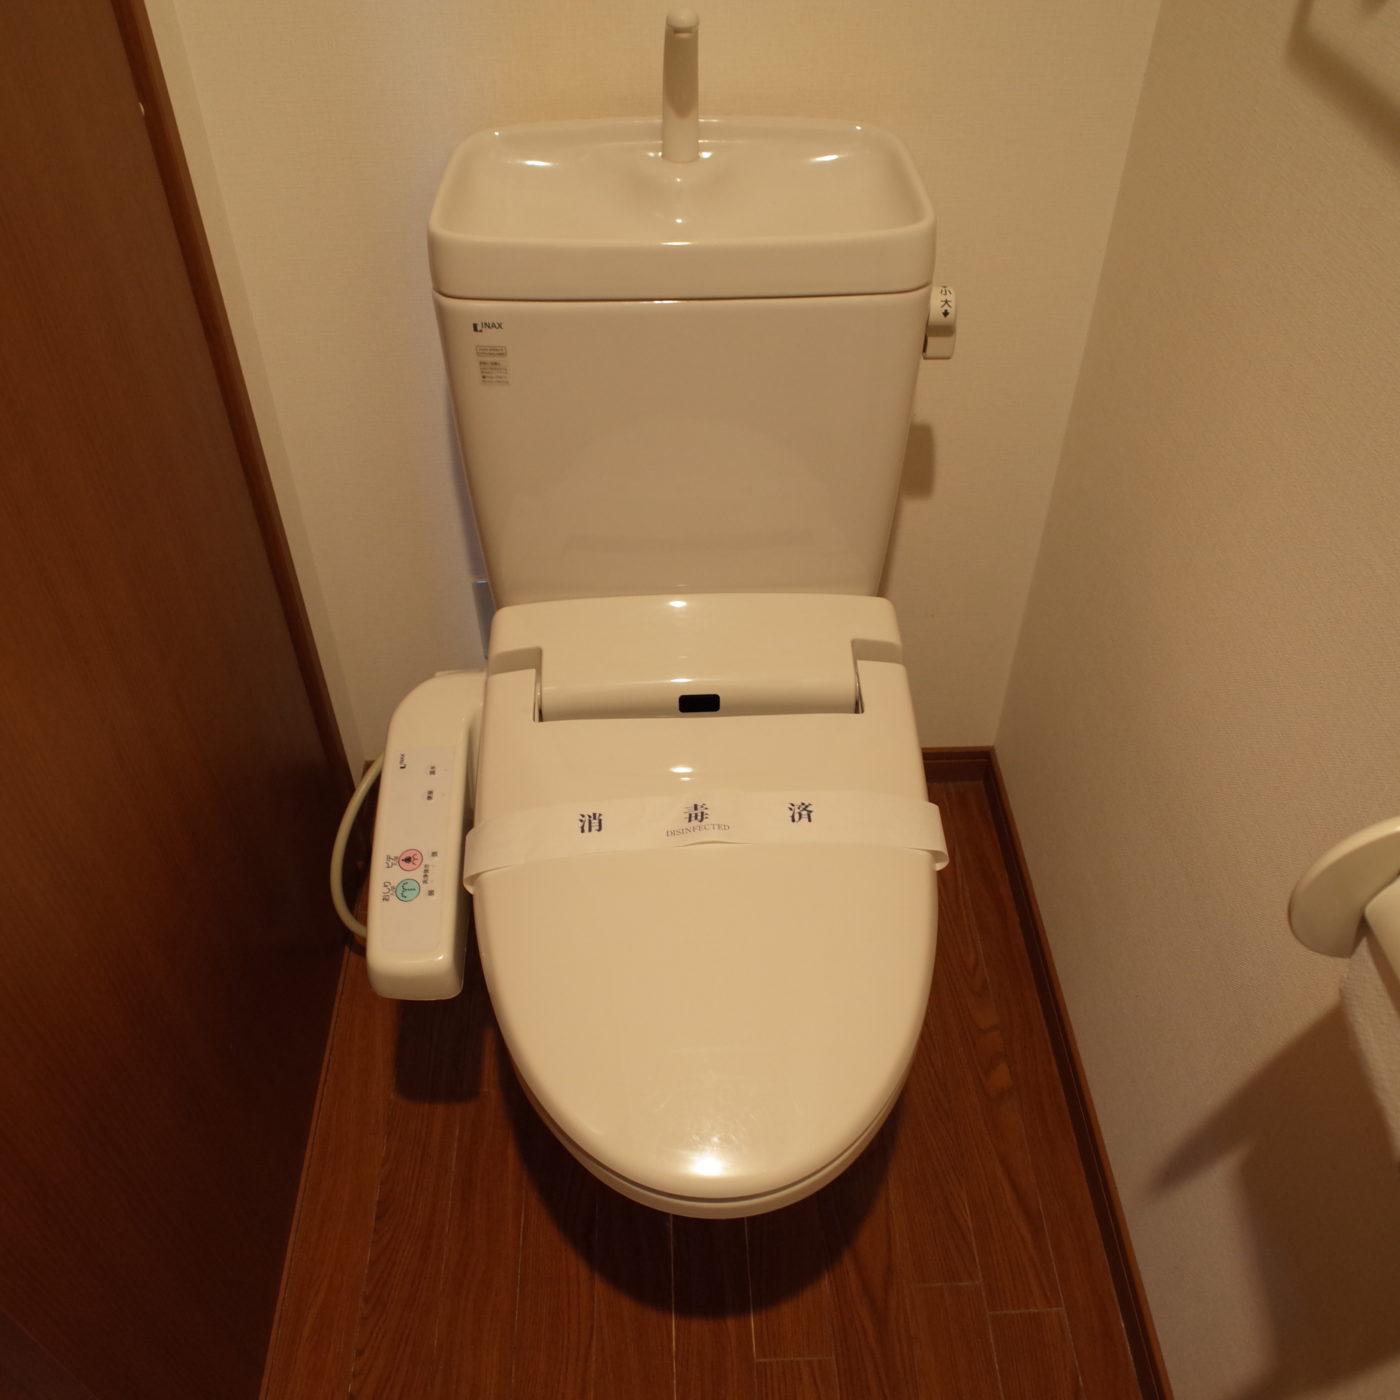 九州大学 伊都 アプリカード 一人暮らし トイレ